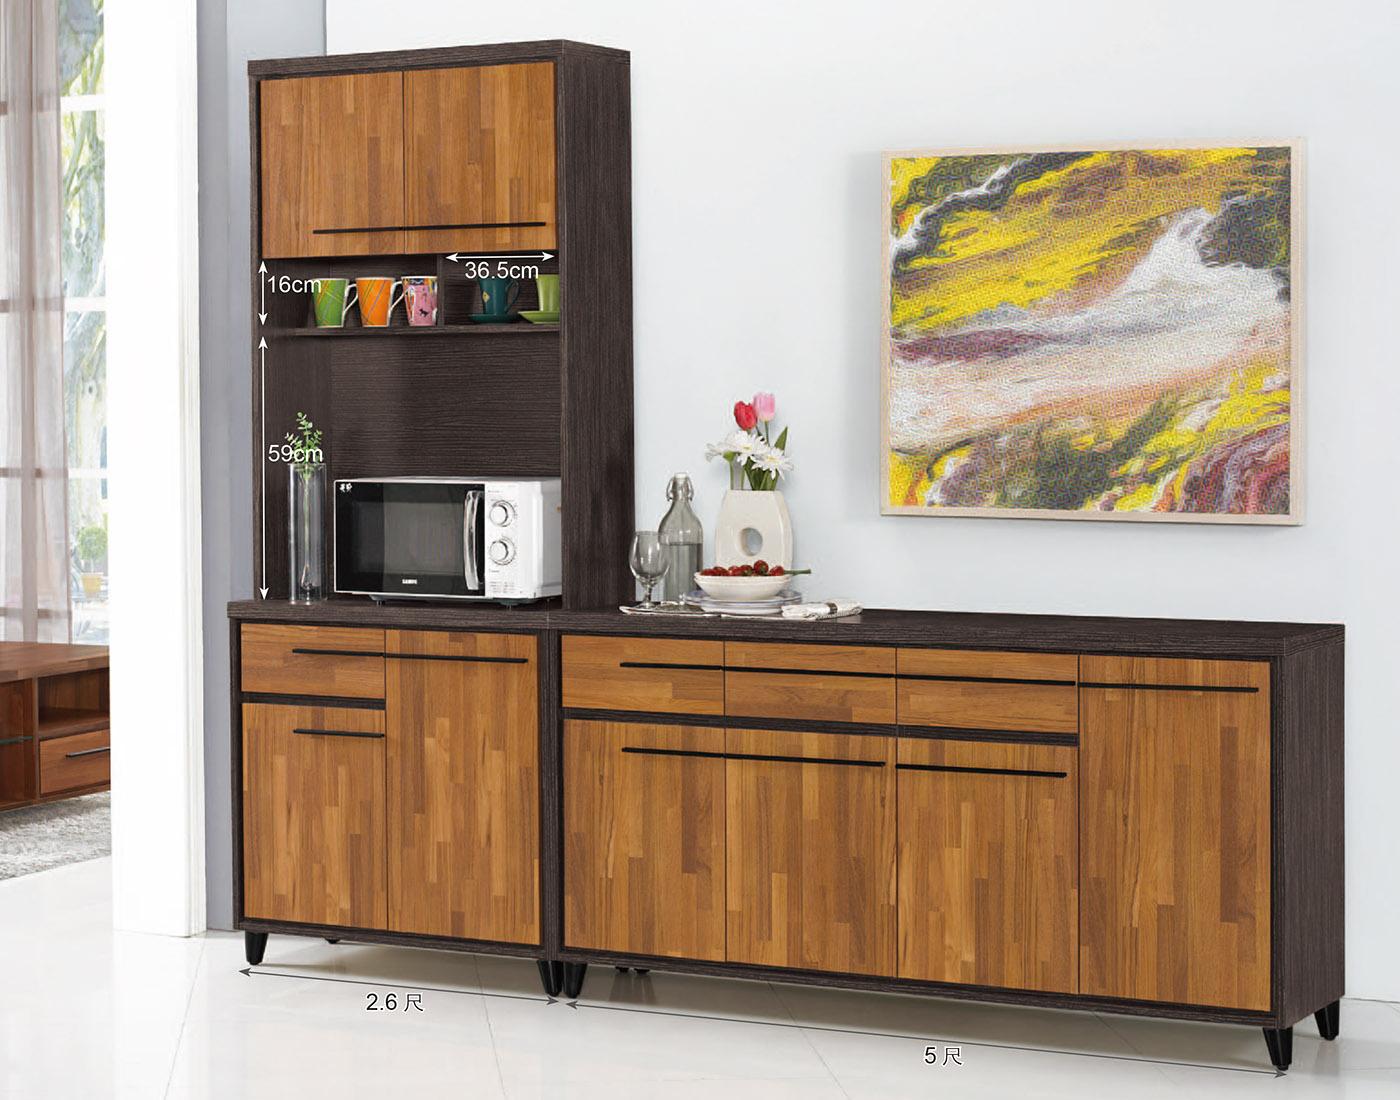 【森可家居】川普7.6尺餐櫃 (全組) 6ZX902-2 收納廚房櫃 中島 碗盤碟櫃 木紋質感 工業風